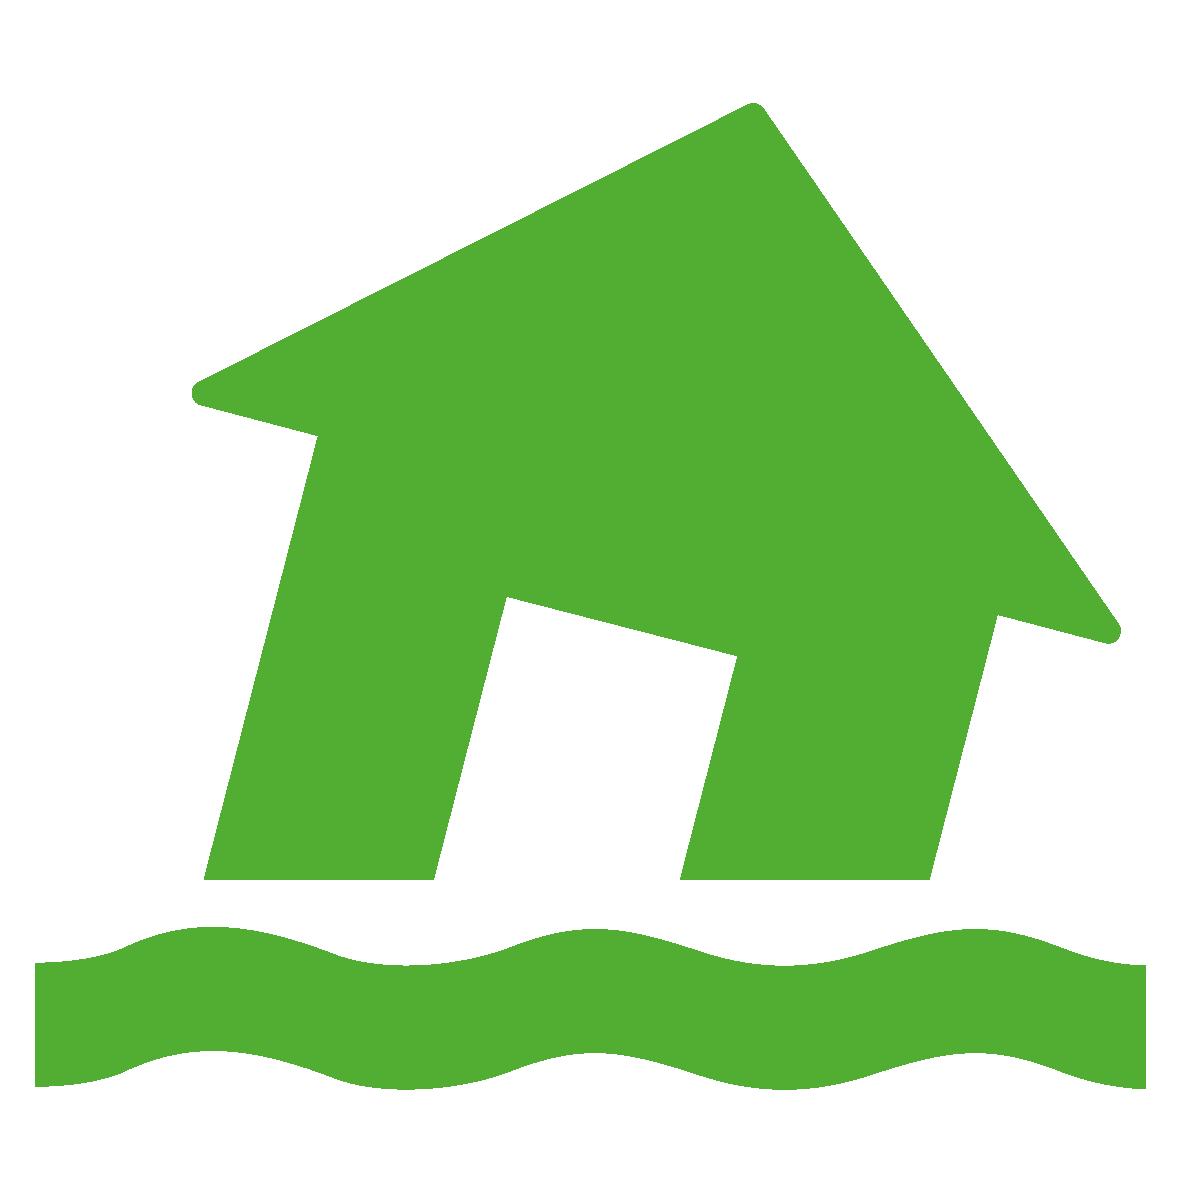 Emergencies Green RGB - Sectores de intervención